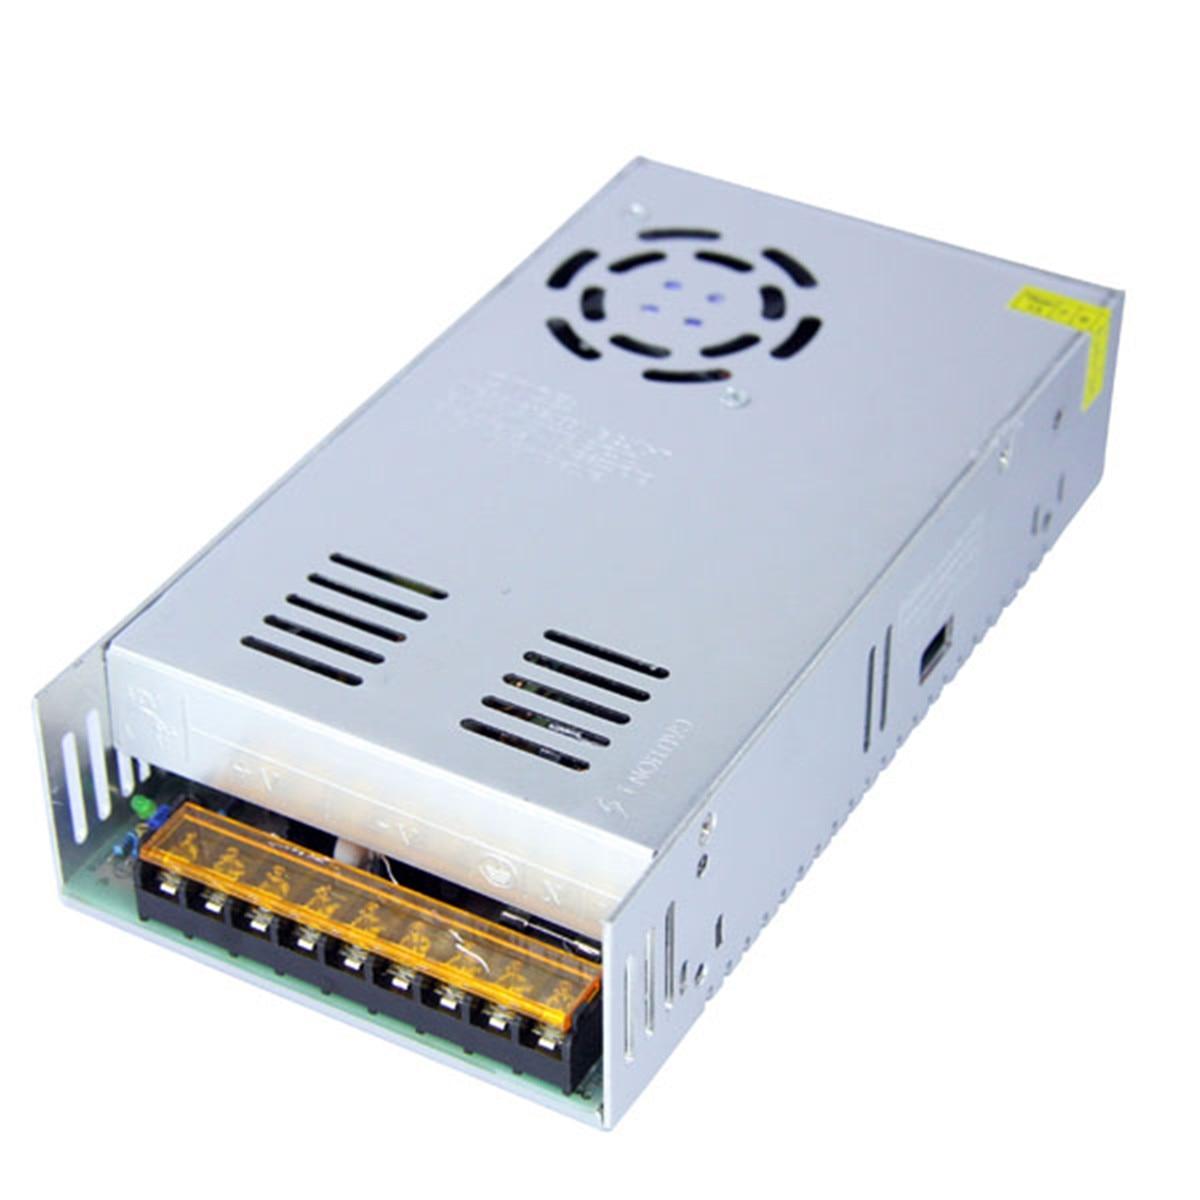 AC 85 265V к DC 12V 30A 360W переключатель питания Трансформатор Адаптер для светодиодной полосы света